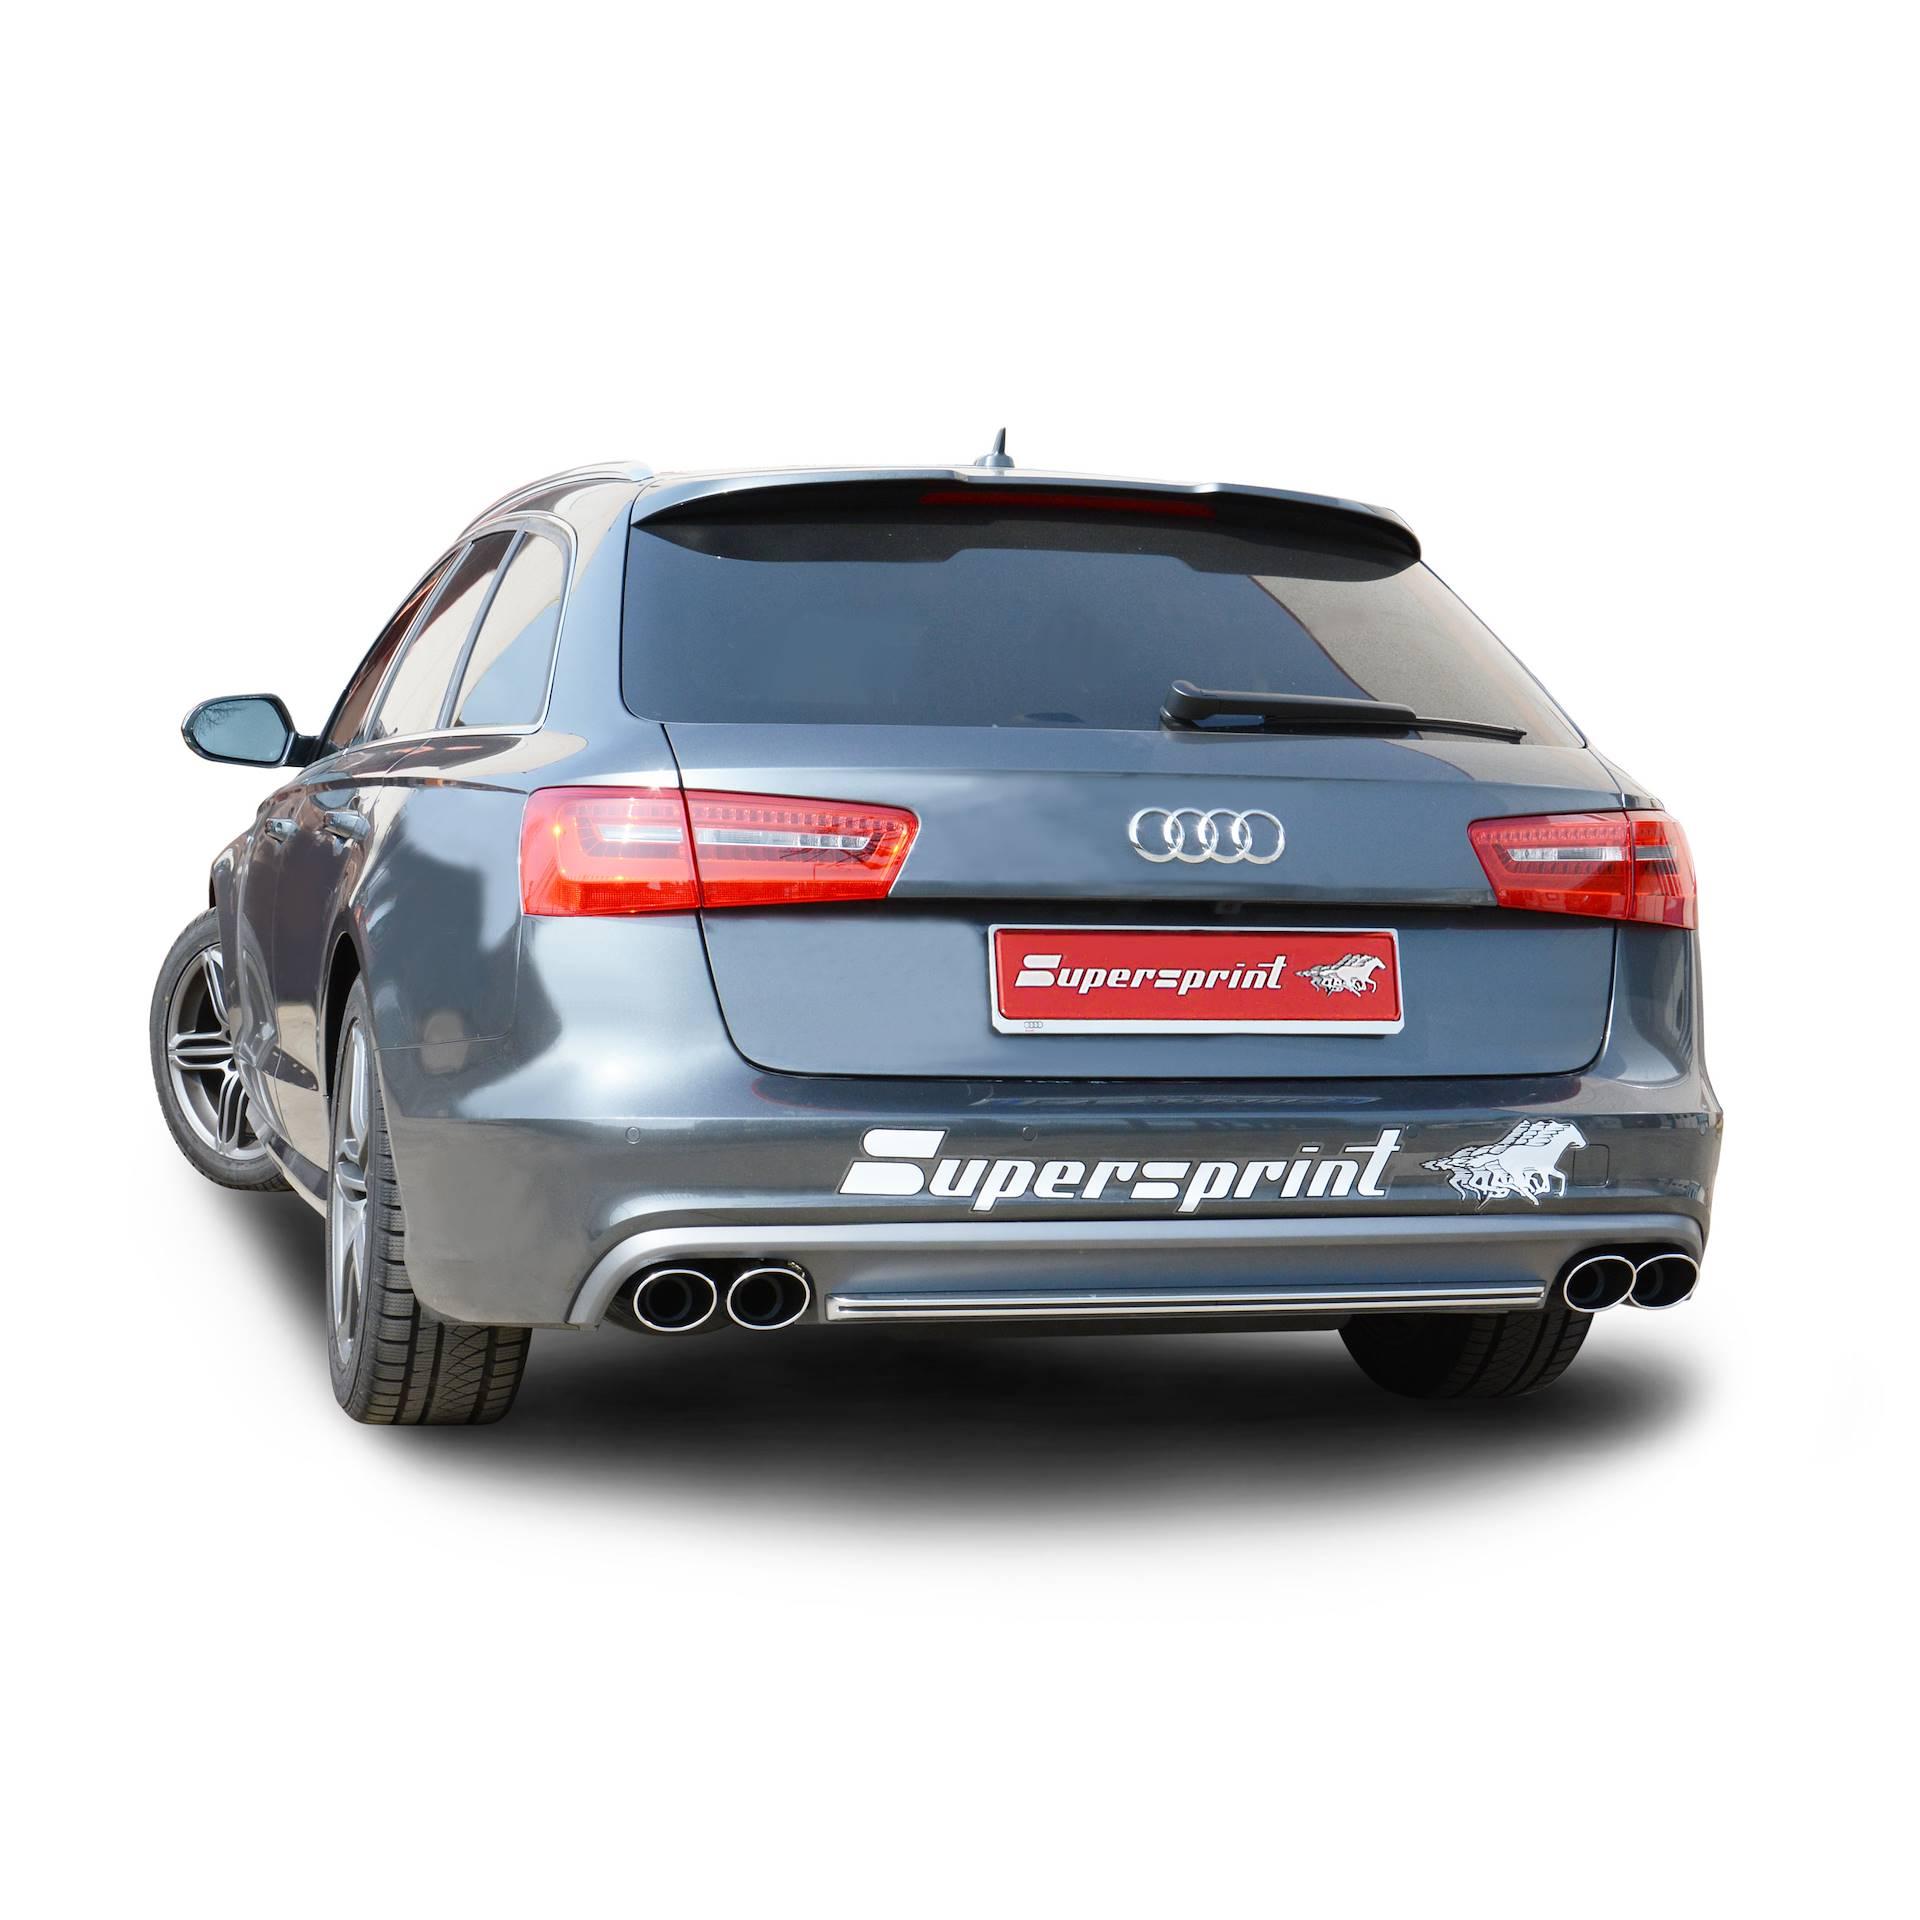 Supersprint Endrohrsatz Quot S6 Look Quot F 252 R Audi A6 3 0 Bitdi